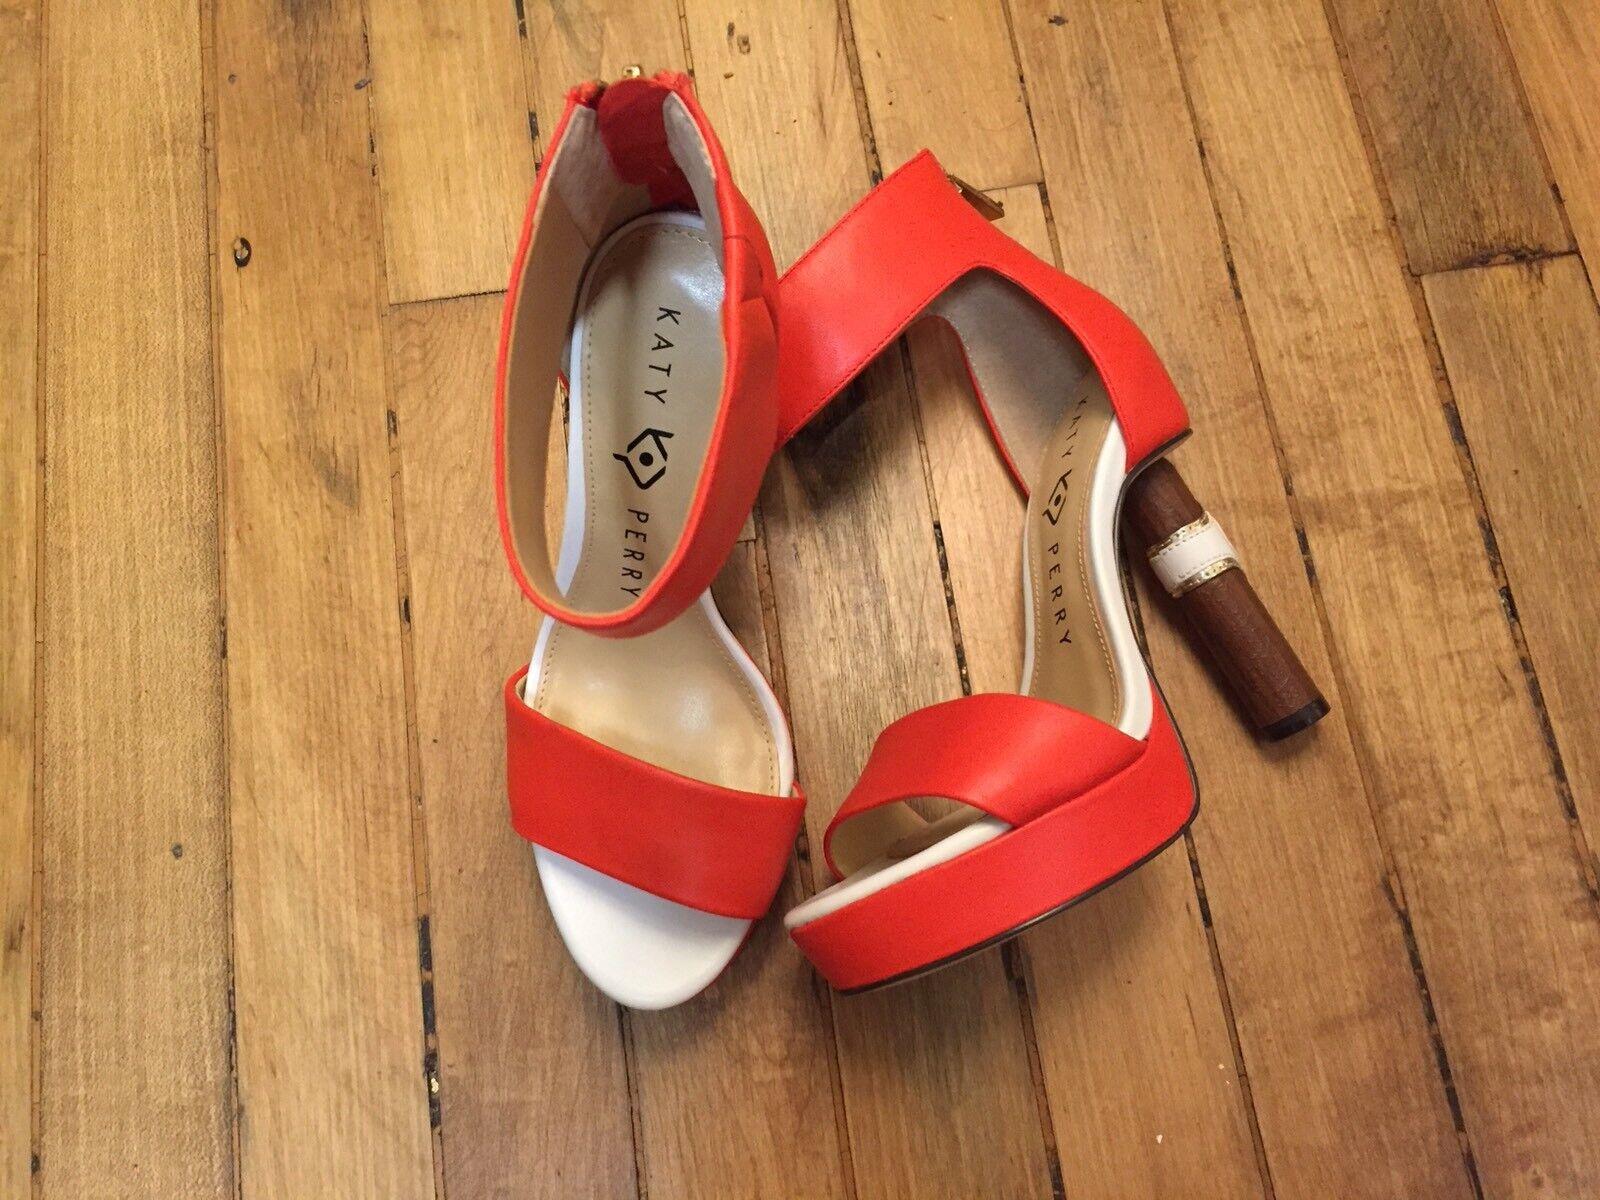 Katy Perry Tacón el Jackie Nuevos Zapatos De Tacón Perry Puntera Abierta cigarro Talla 5.5 90af06